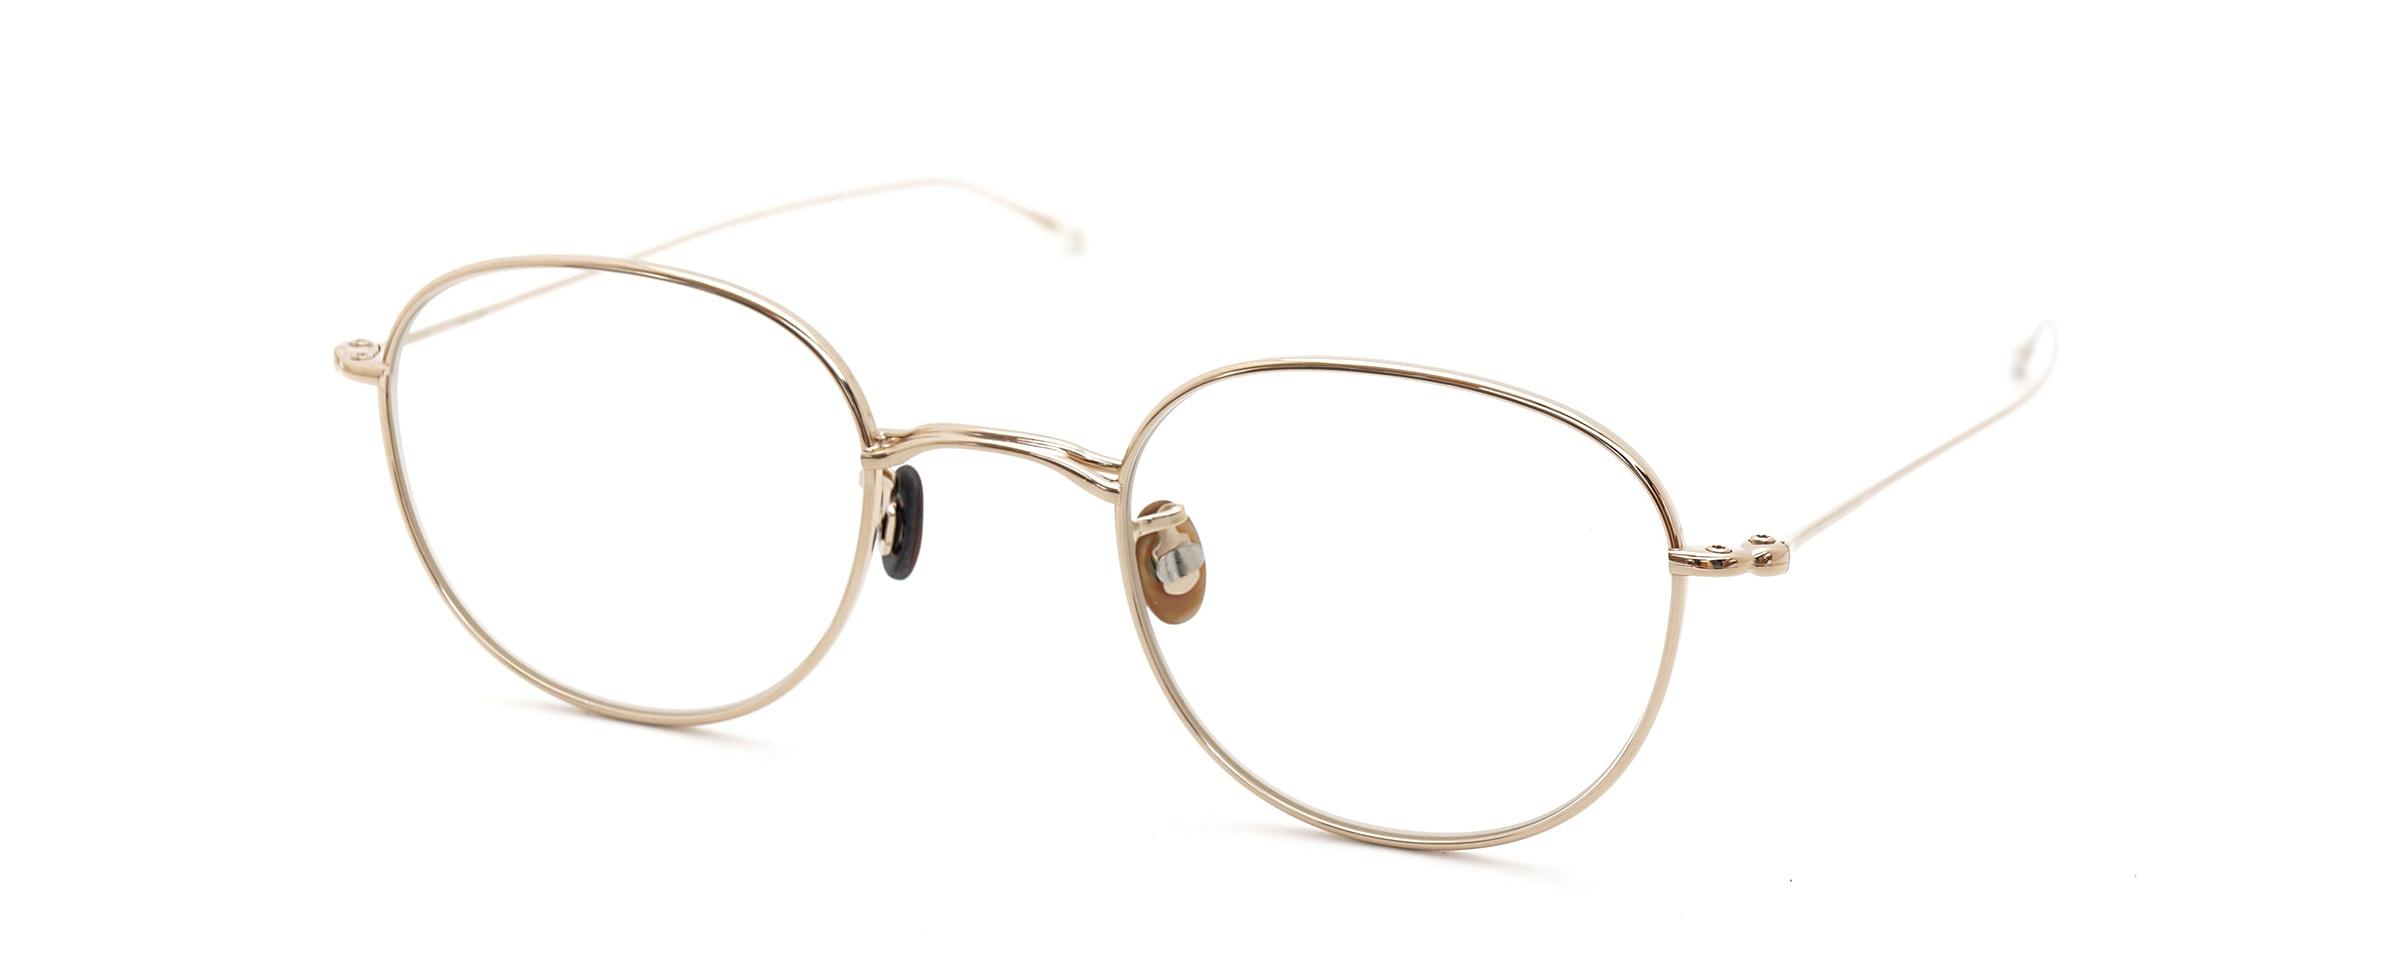 10 eyevan NO.1 2S-CL全体像